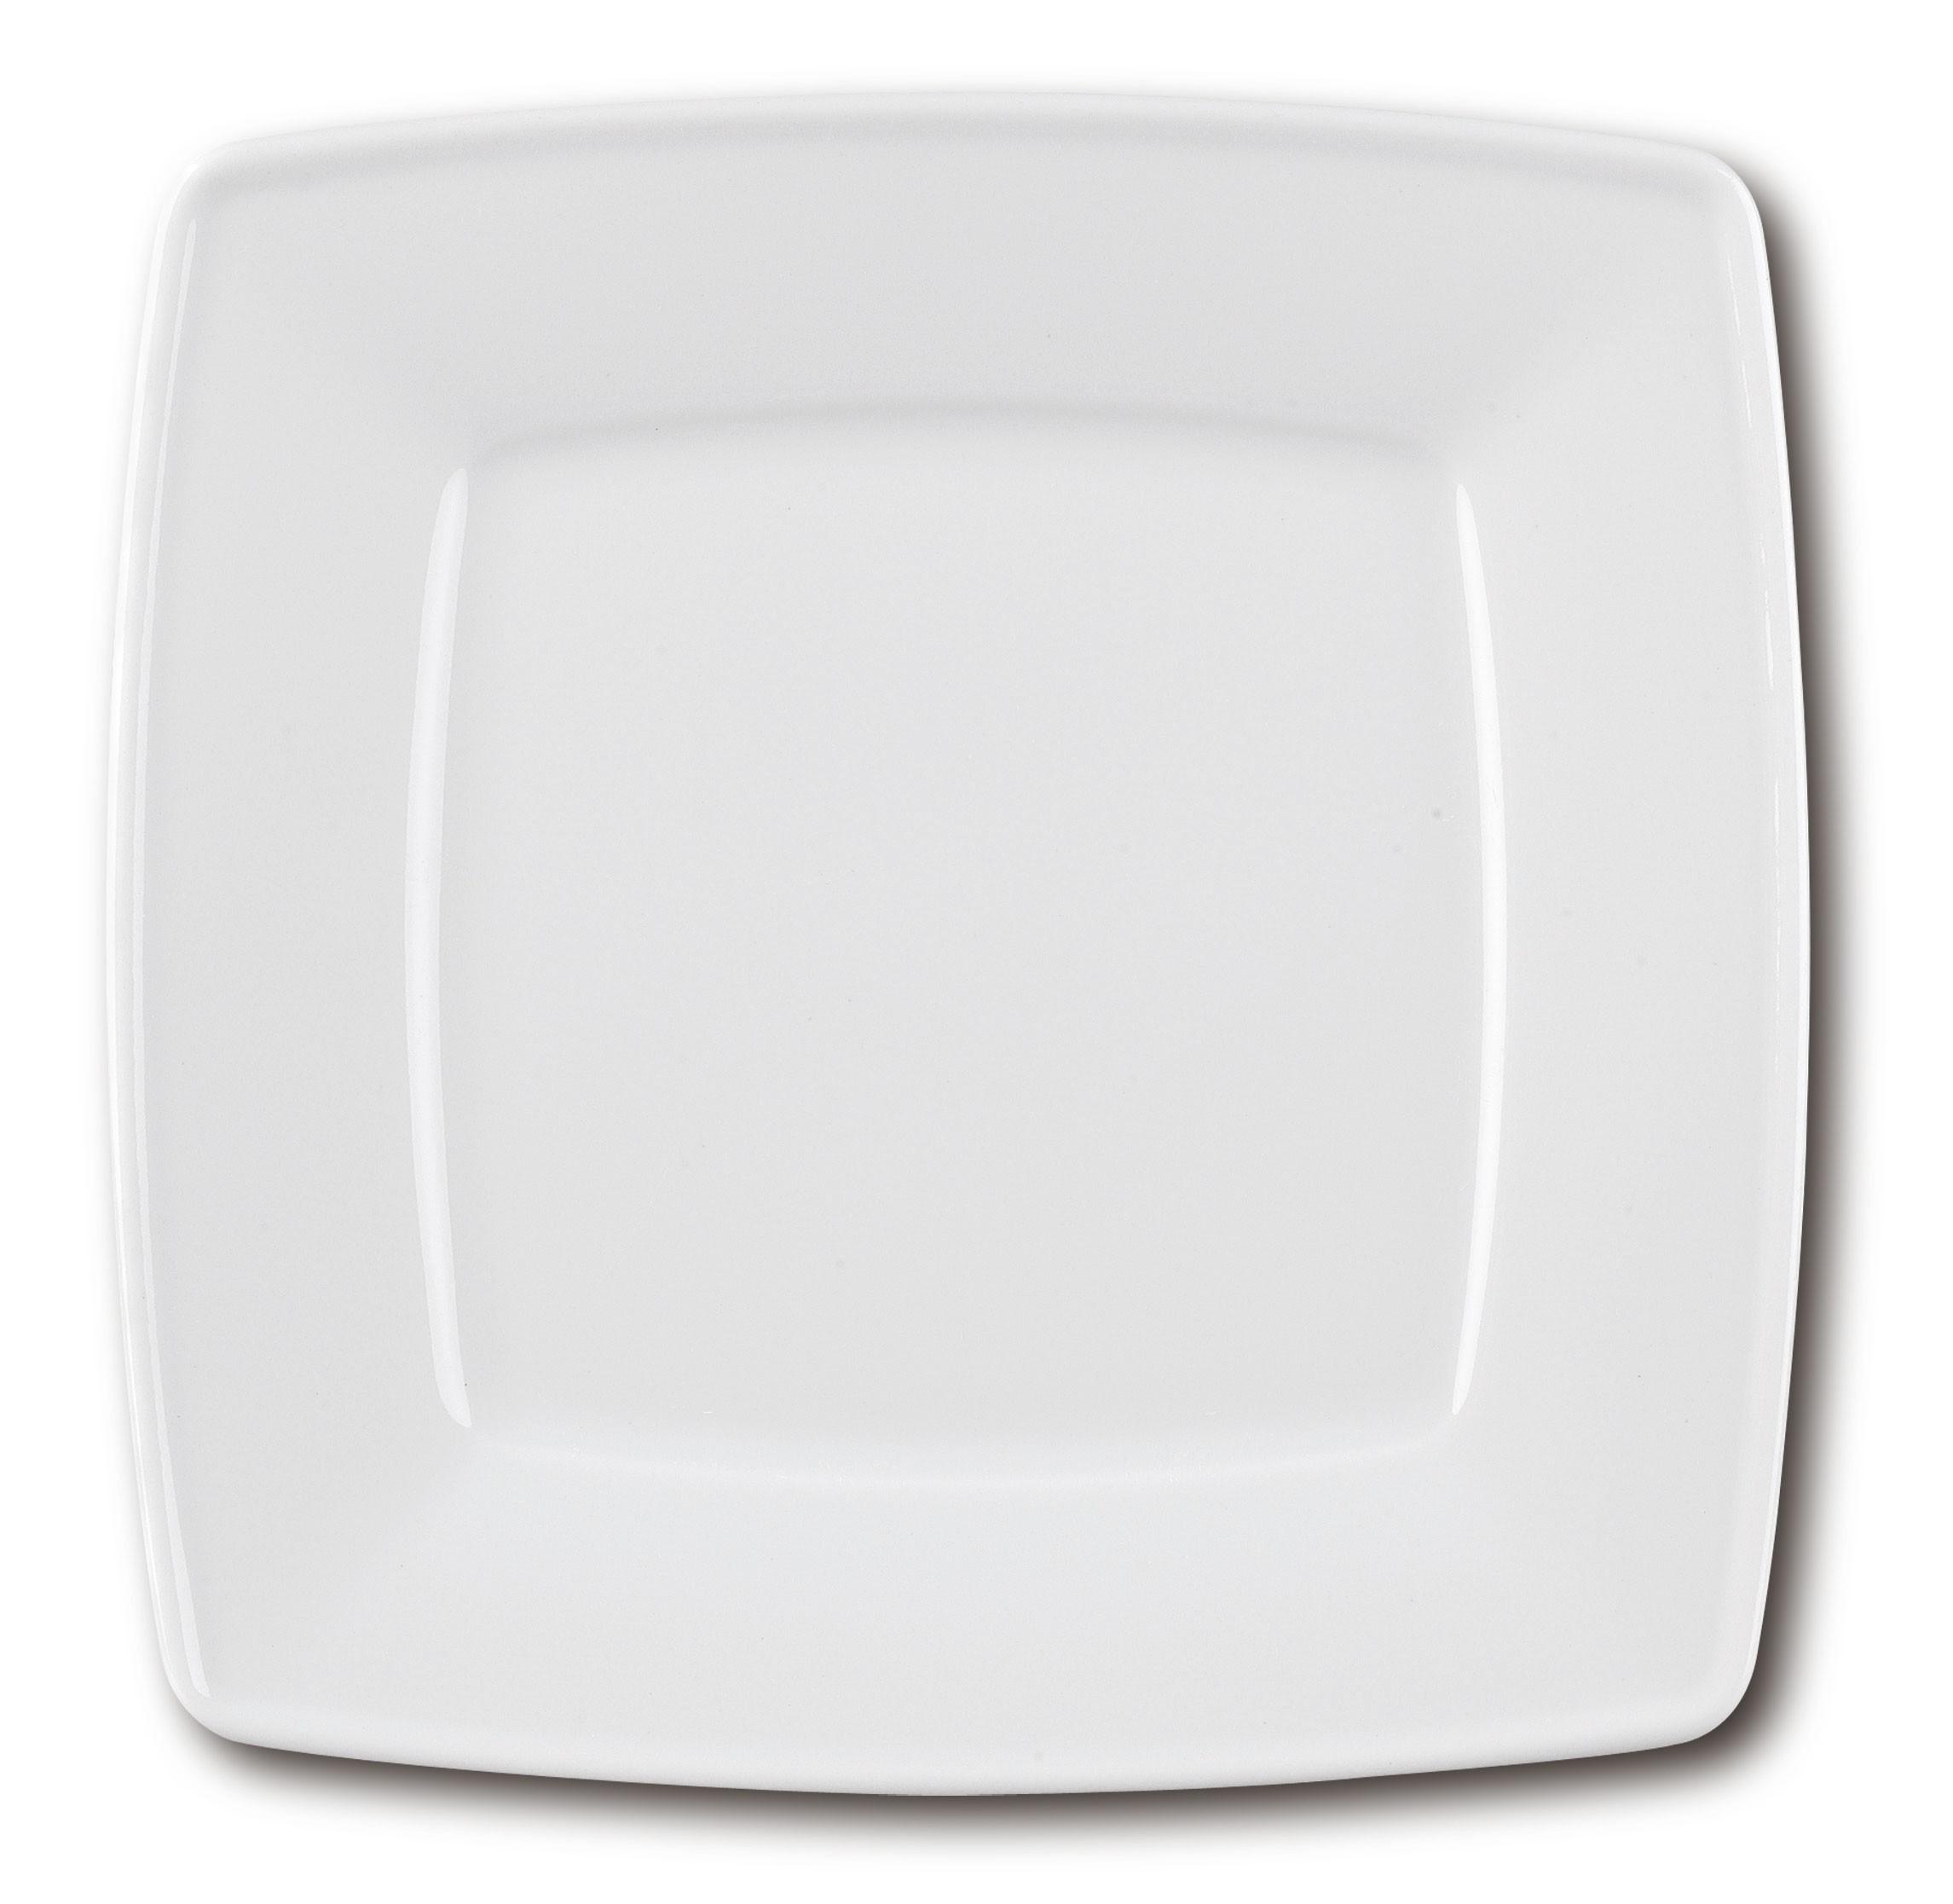 assiettes plates publicitaires - assiette personnalisable porcelaine Maxim